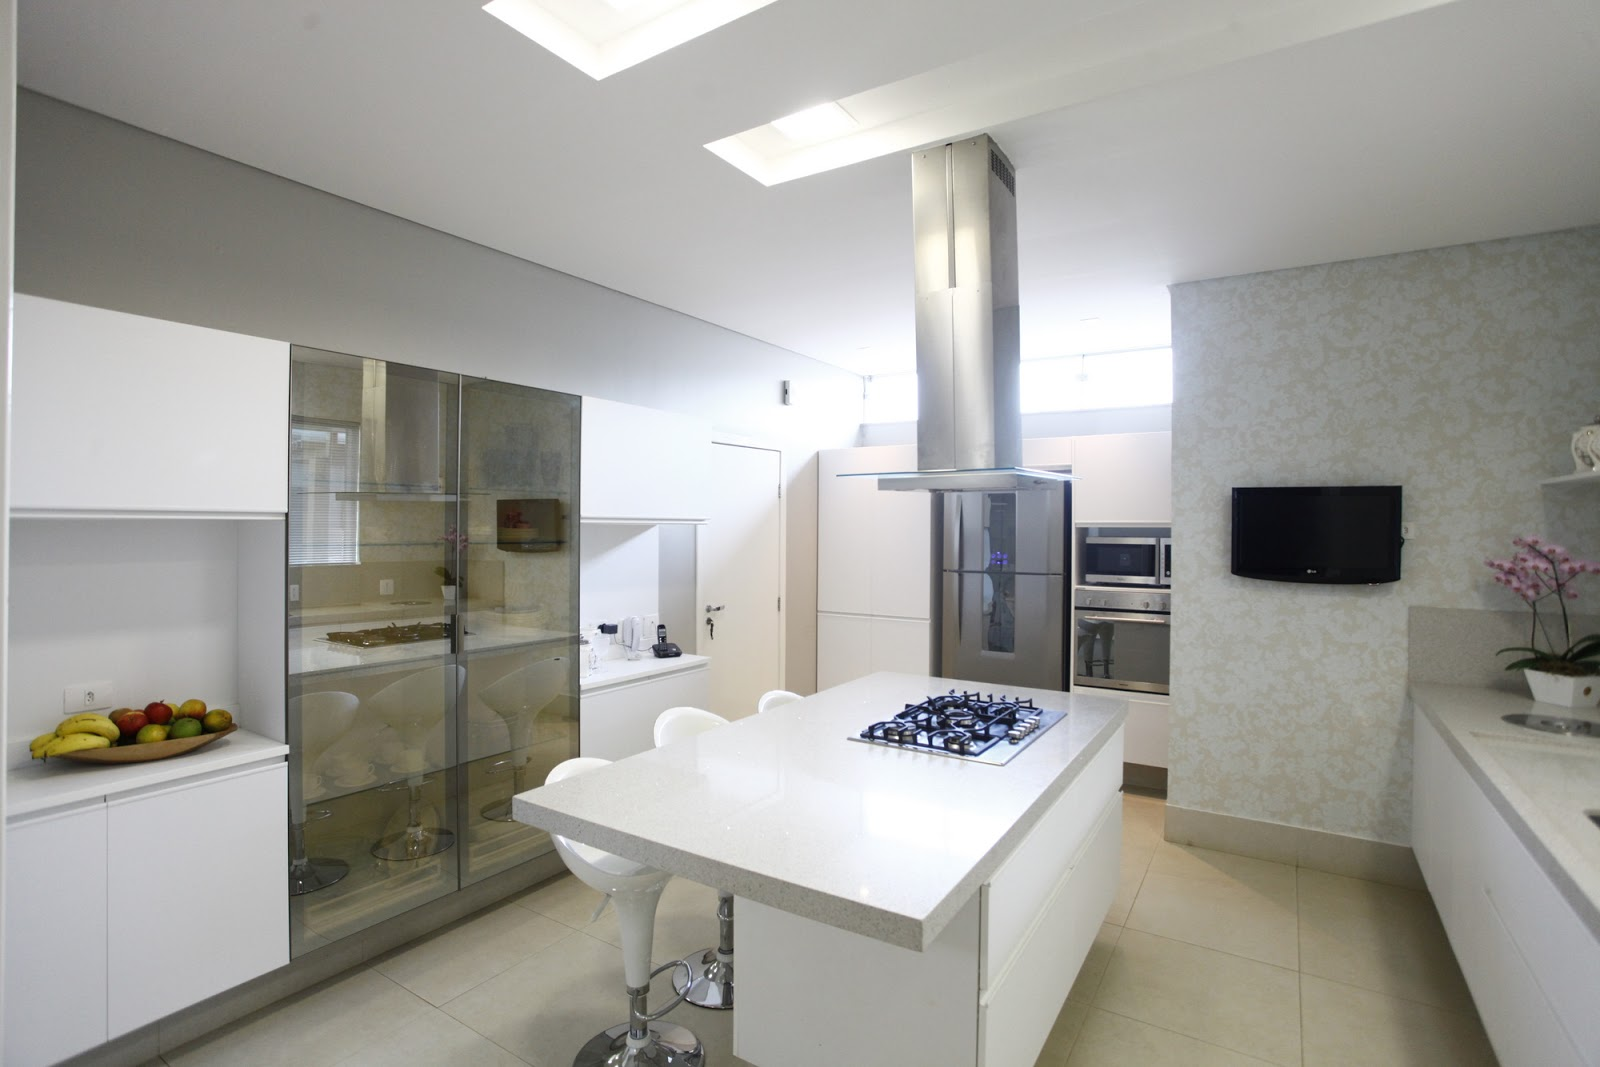 decoracao de cozinha ilha:19  Cozinha com ilha central e bancada para  #5A4F3D 1600x1067